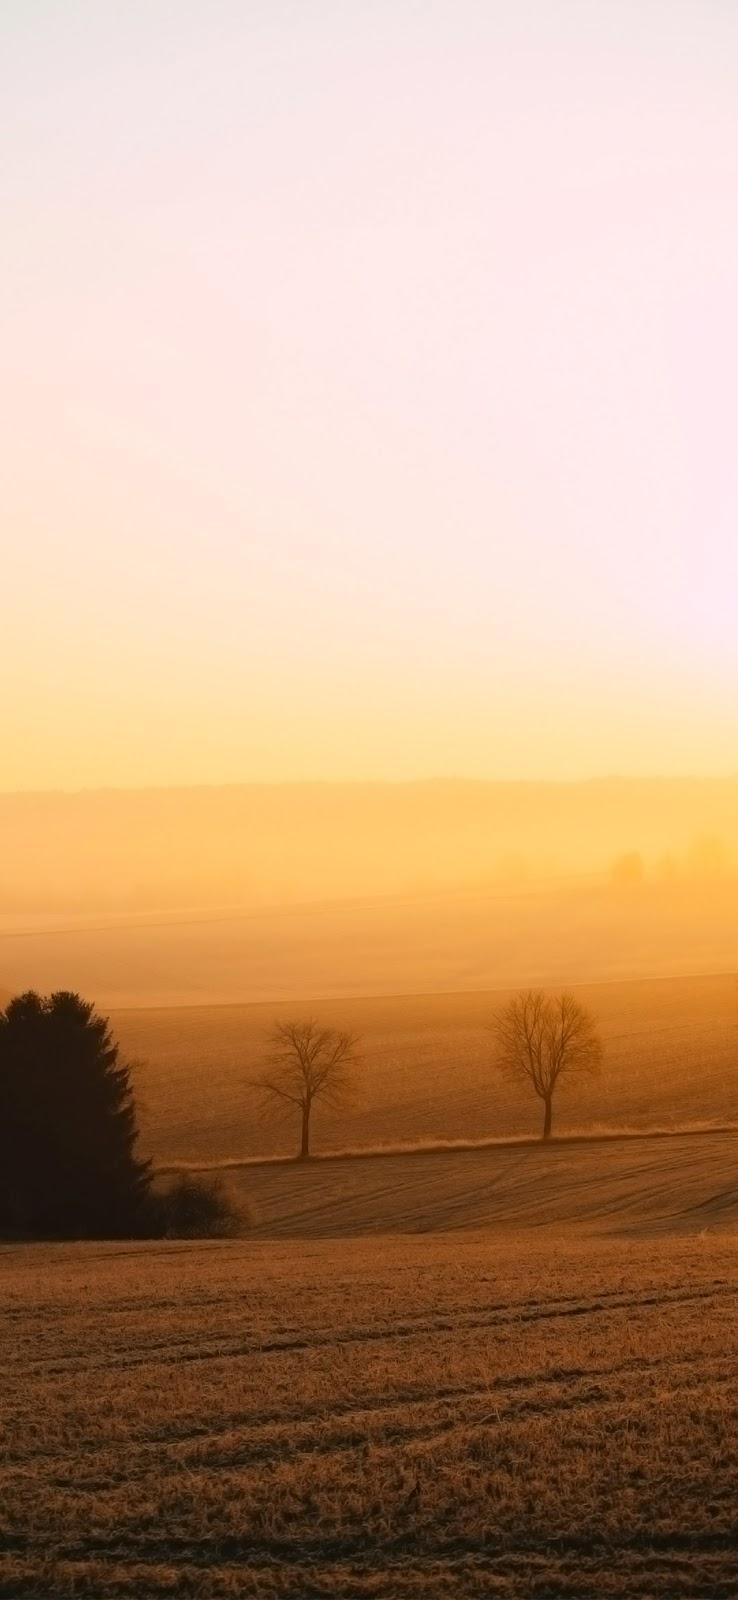 خلفية حقل الحشائش البنية وقت غروب الشمس